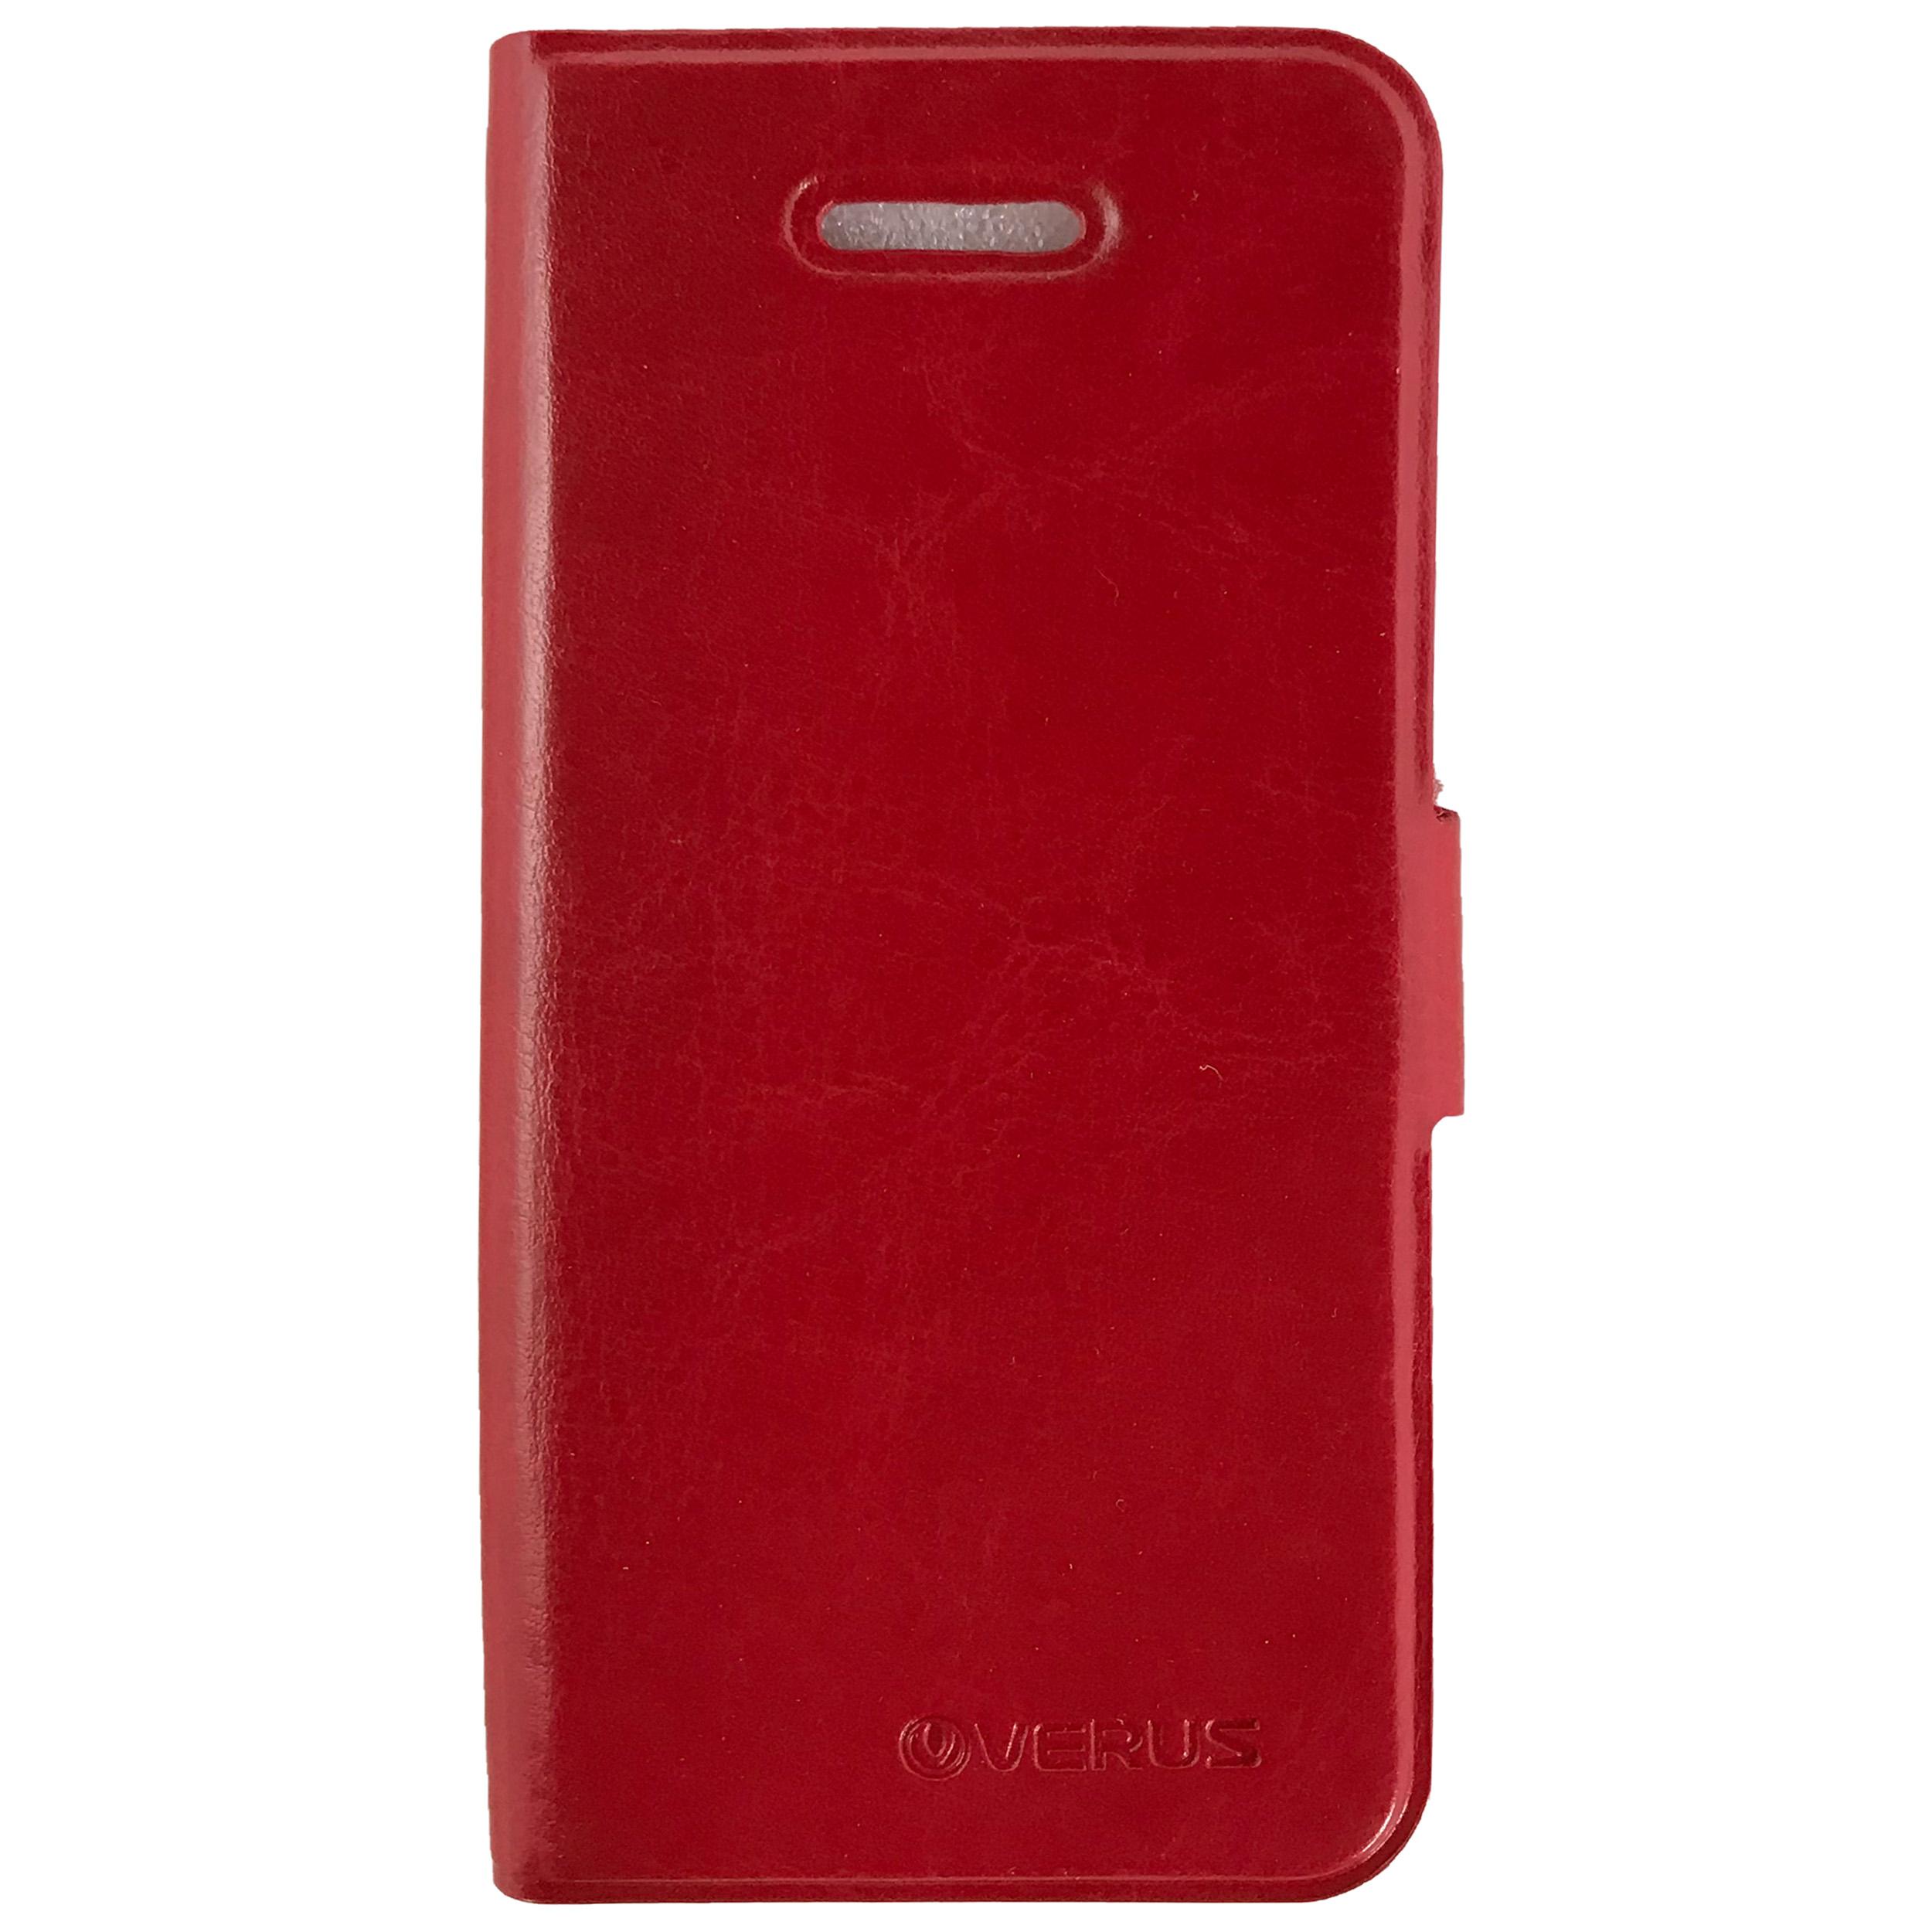 کیف کلاسوری وروس مدل i5G مناسب برای گوشی موبایل اپل iPhone 5 / 5s / SE